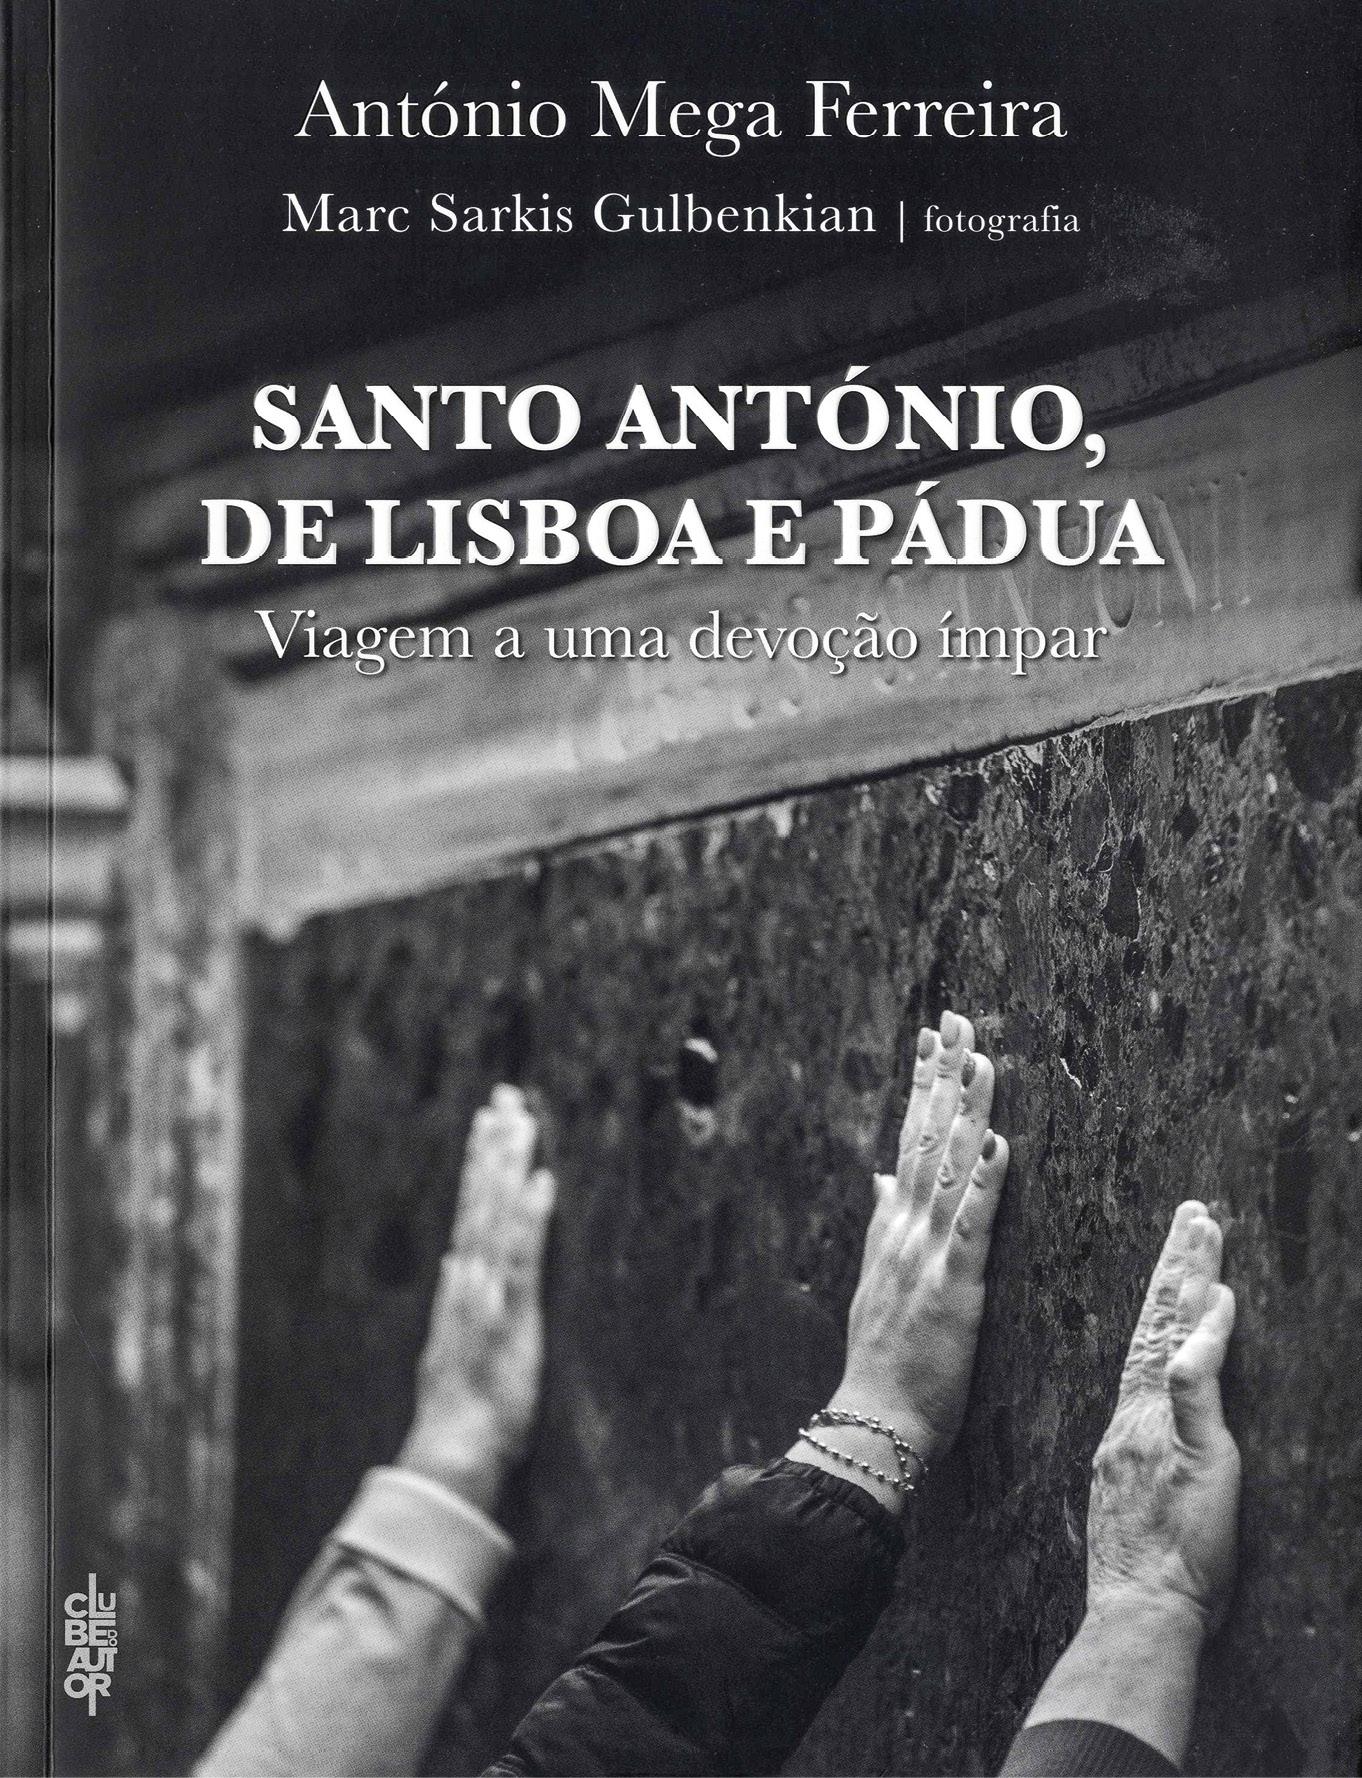 Santo António, de Lisboa e Pádua, texto de António Mega Ferreira e fotografias de Marc Sarkis Gulbenkian, Clube do Autor